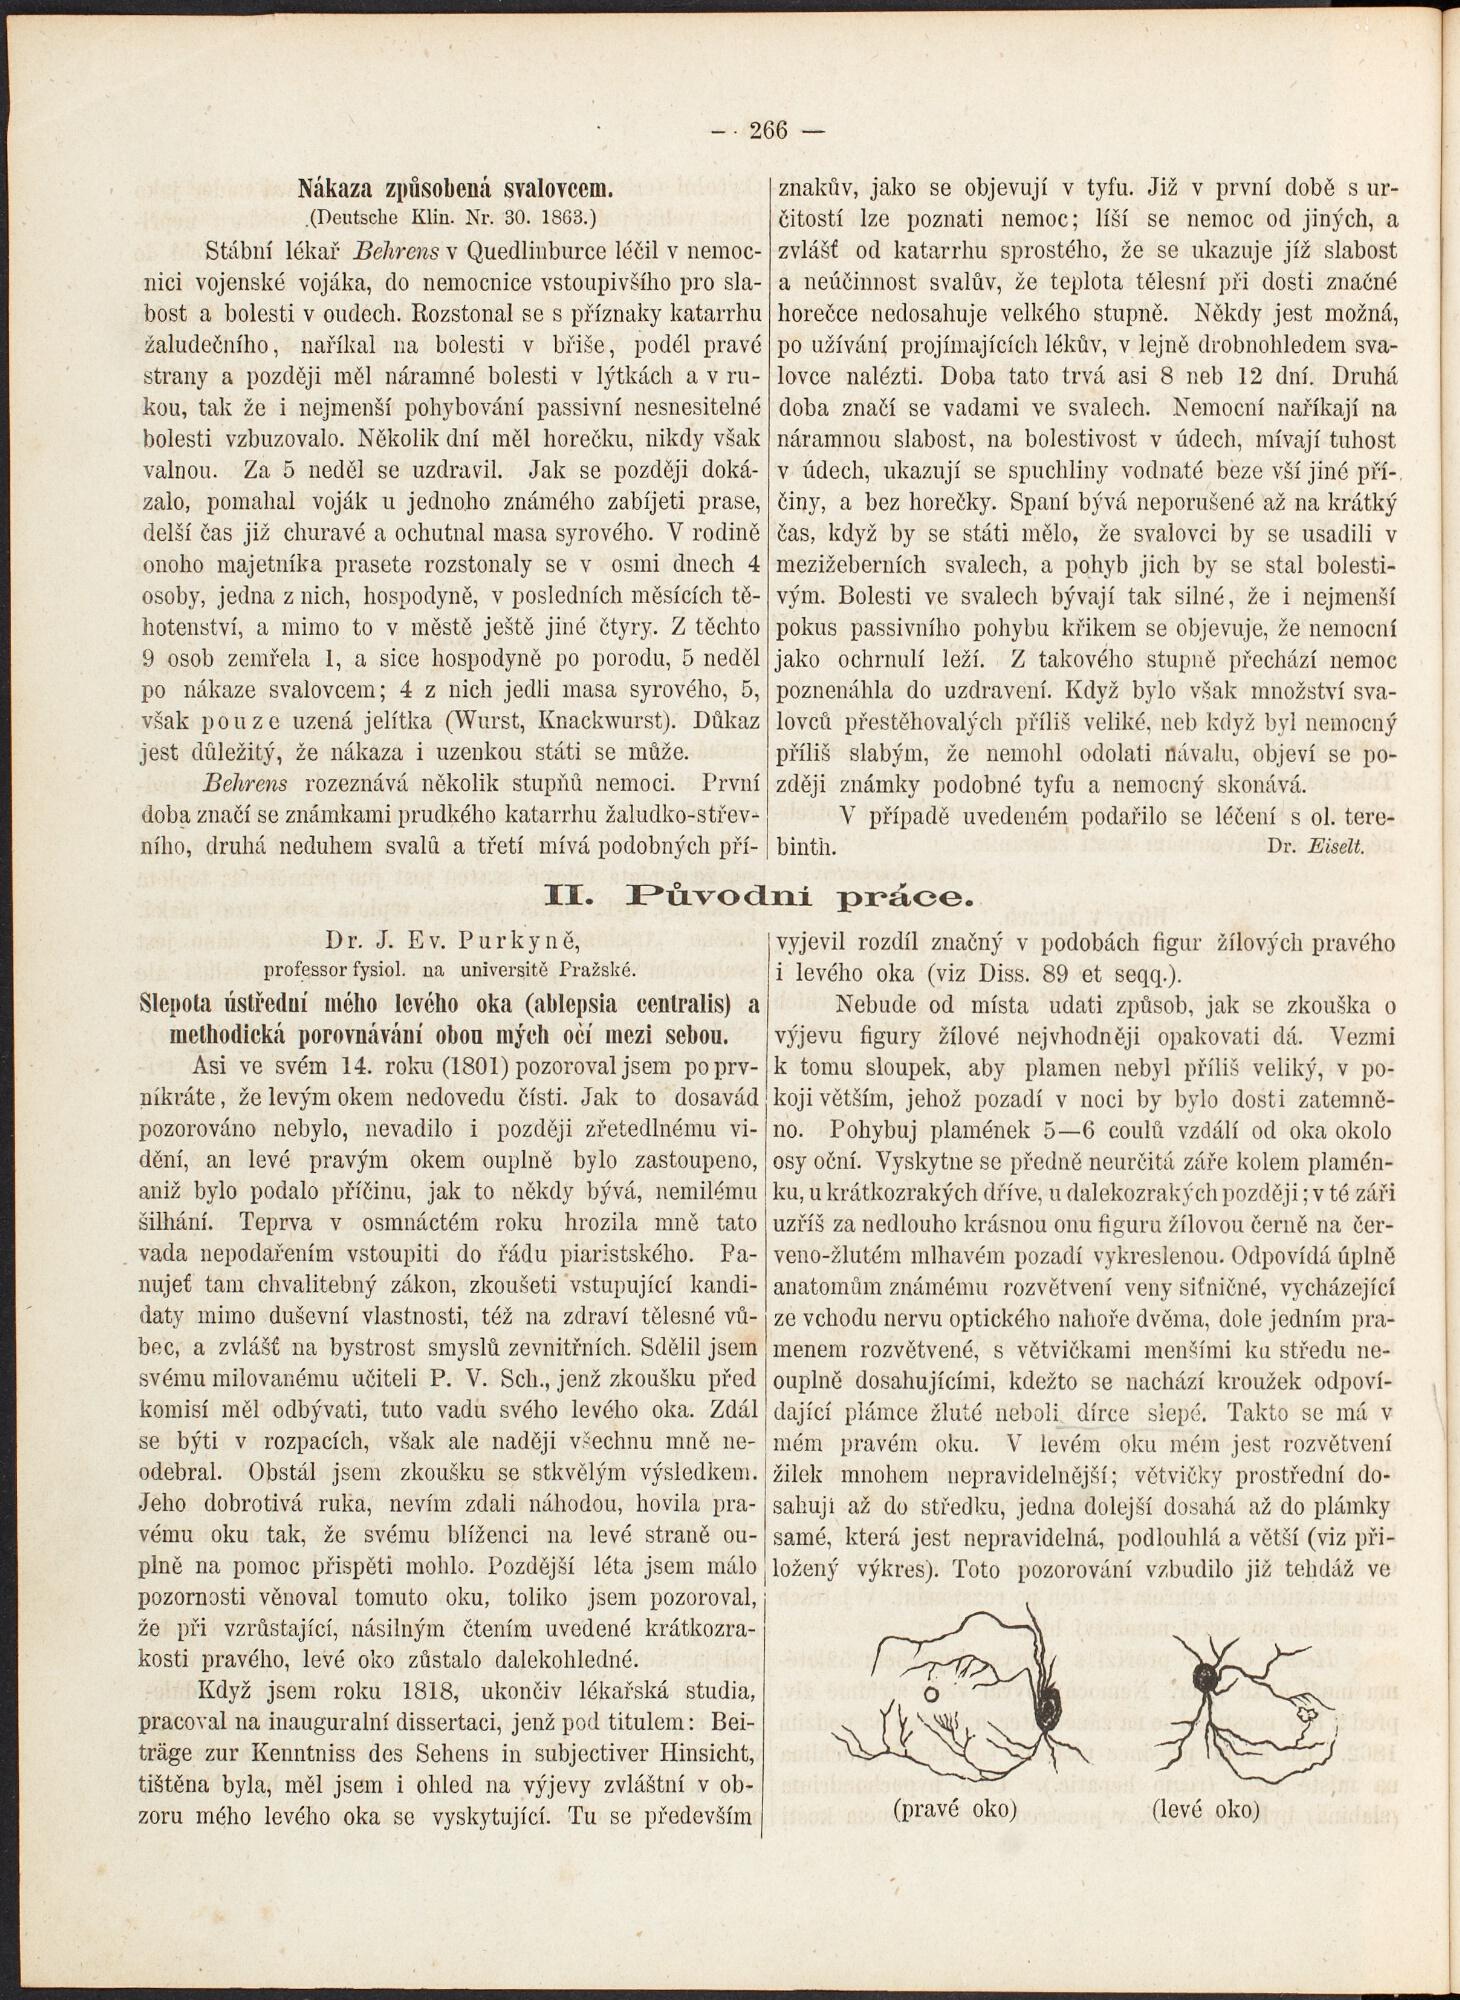 Purkyňova kazuistika v ČLČ z roku 1863 – autorem a pacientem v jedné osobě